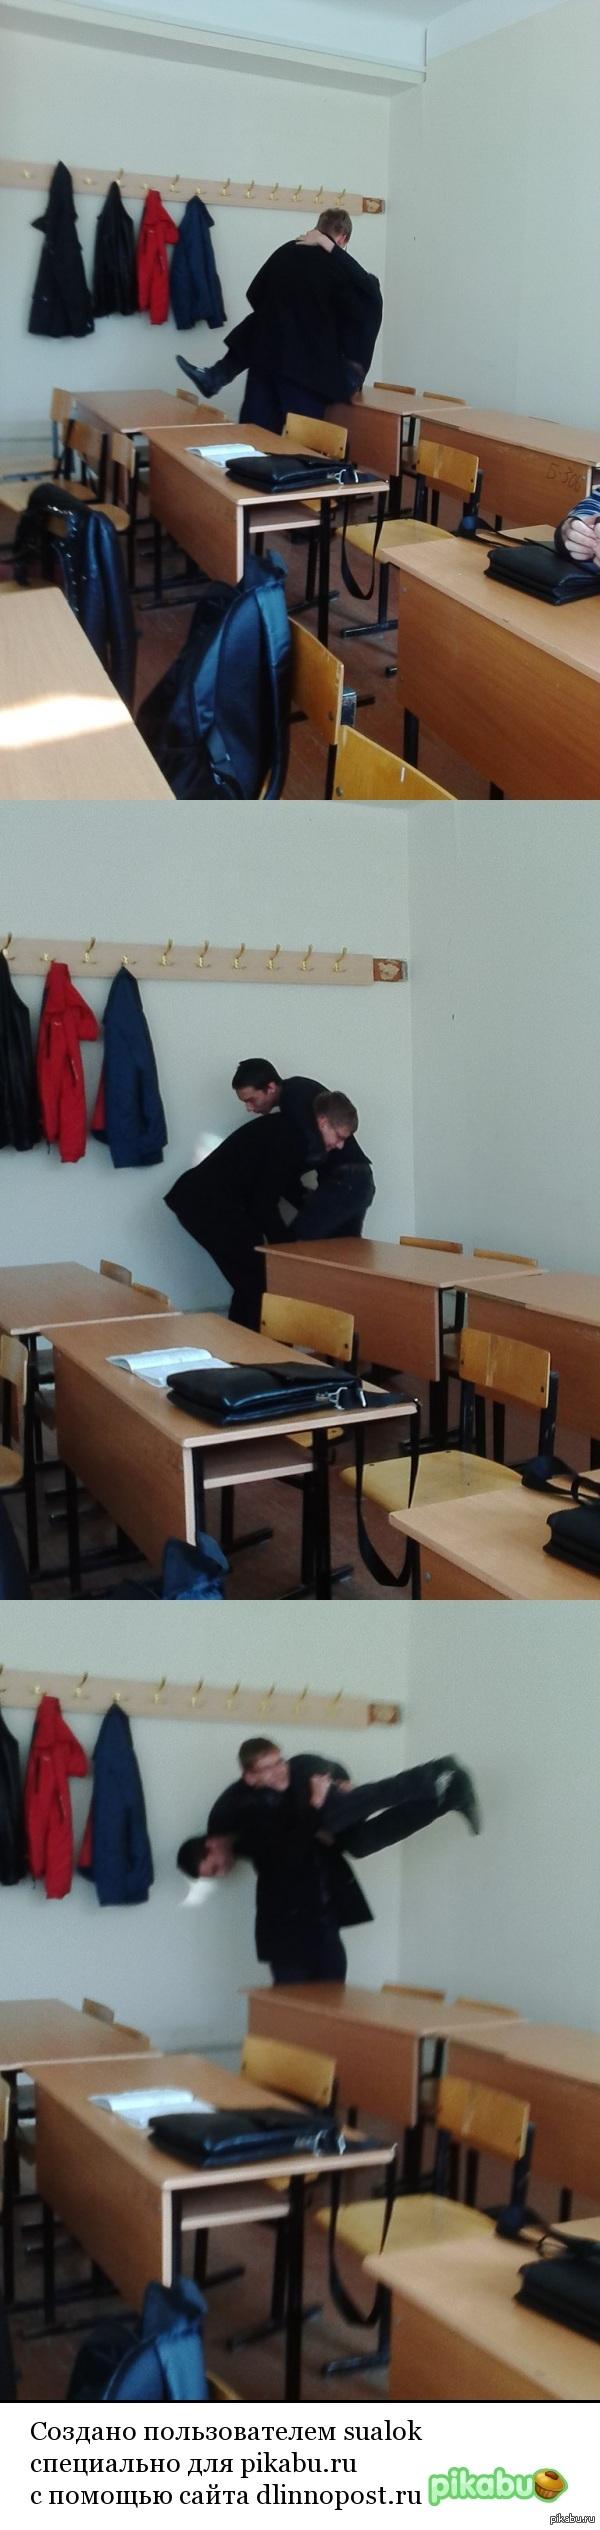 Это любовь)))))